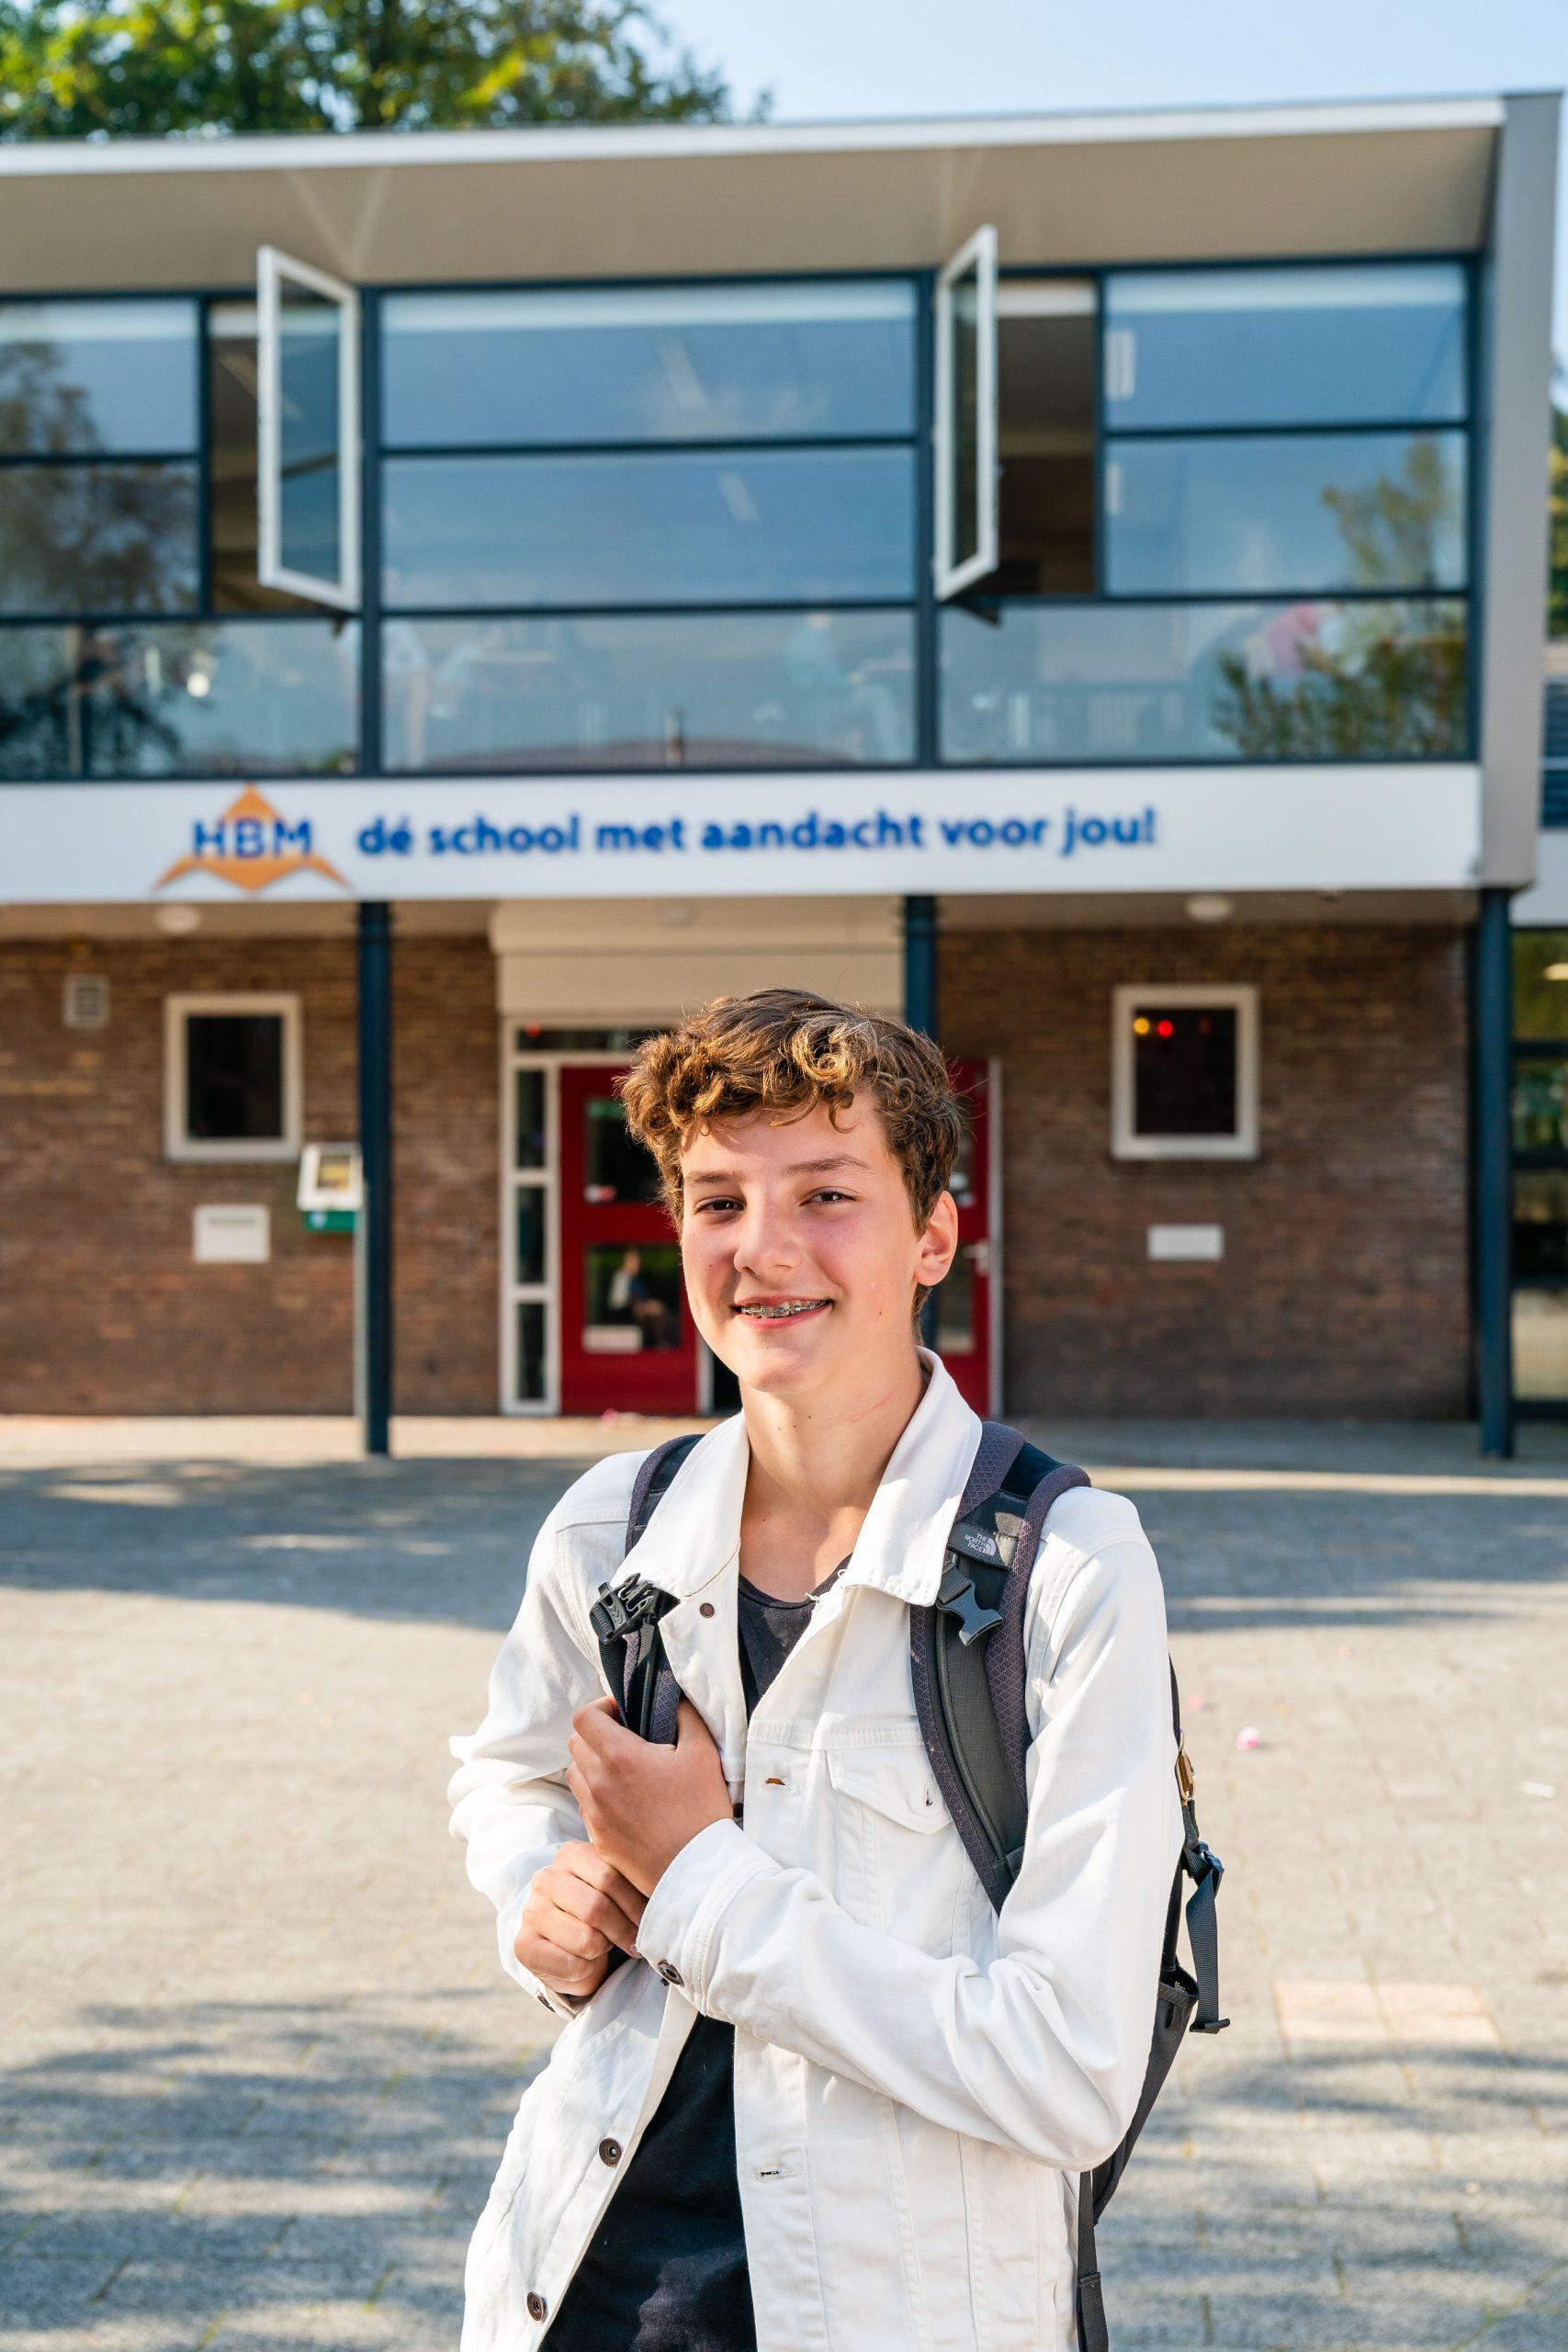 Raf, leerling sportklas HBM